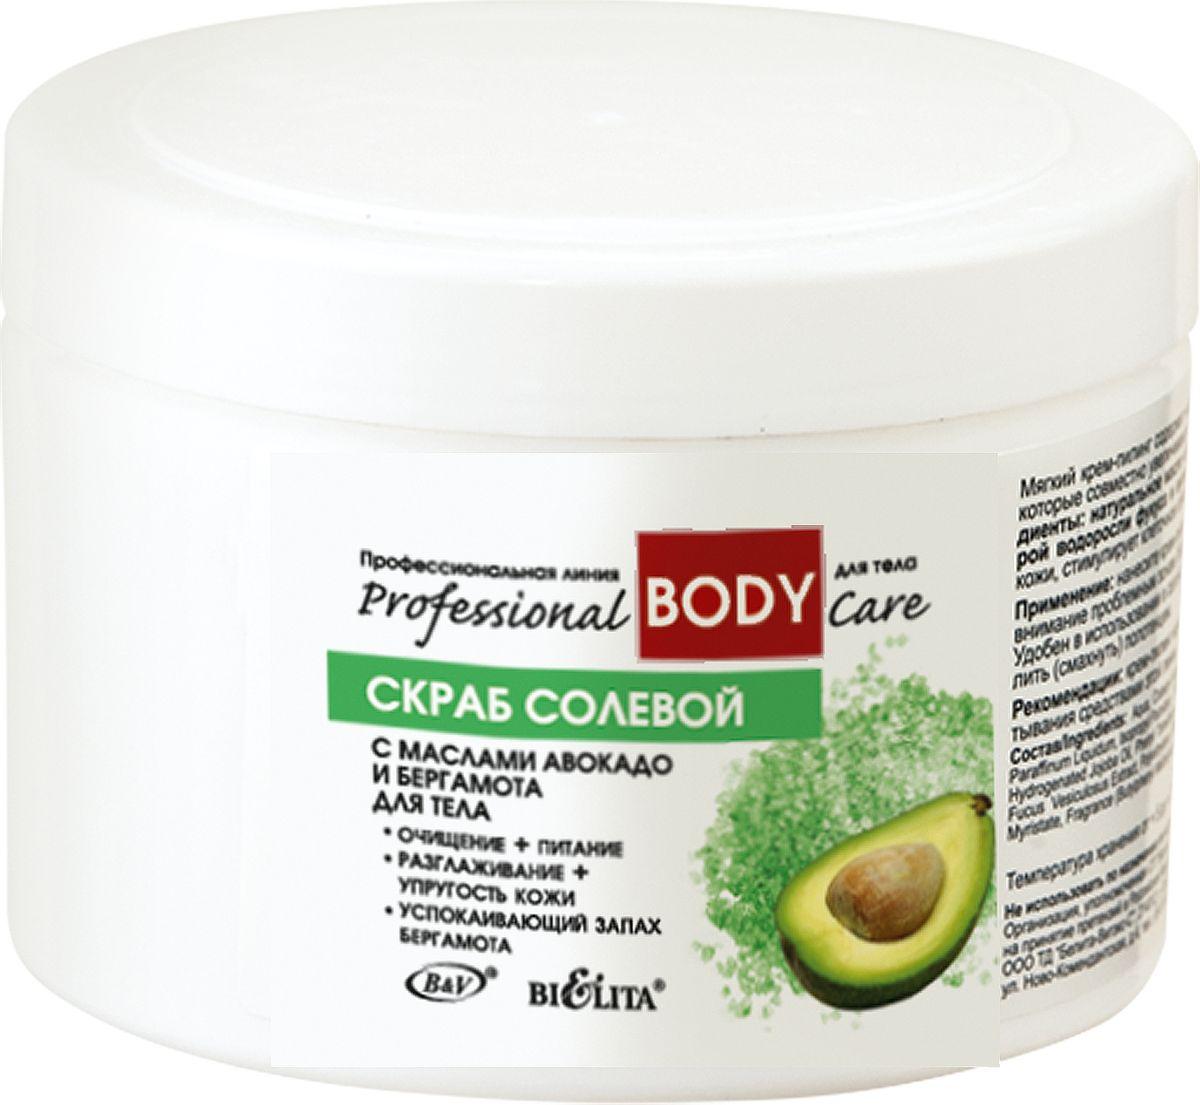 Белита Скраб солеврой с маслами авокадо и бергамота для тела Body Care, 600 гBPF-1066Интенсивное средство для очищения кожи перед проведением различных процедур.Активные ингредиенты: соль Мертвого моря — 15%, масло авокадо, натуральные воски, витамин Е, эфирное масло бергамота. Натуральное масло авокадо питает и насыщает кожу необходимыми жирными кислотами во время эксфолиации эпидермиса. Бережно обновляет кожу укрепляет и придает ей гладкость и бархатистость. Действие:очищение+питание;разглаживание+упругость кожи;успокаивающий запах бергамота. Гармонично подобранная SPA-программа поможет быстро и эффективно восстановить жизненные силы и зарядиться энергией,— укрепить здоровье— достичь совершенного силуэта— обрести свой индивидуальный стиль и желанную красоту.Программа состоит из 7-ми препаратов, основанных на 5-ти морских водорослях, целебной грязи и соли Мёртвого моря. Косметика содержит также натуральные масла — абрикоса, пшеничных зародышей, каритэ, витамины, эфирное масло розмарина, активаторы метаболизма — кофеин и теофиллин. Препараты сгруппированы с учётом этапности ухода. Средства линии могут применяться как самостоятельно, так и в различных специальных процедурах: антицеллюлитная программа, детоксикация, улучшение состояния кожи, снятие усталости и др.Отличительной чертой профессиональной косметики BIELITA PROFESSIONALявляется синергетическое действие препаратов, т. е. при совместном применении они дополняют и усиливают действие друг друга. Это позволяет косметологам-профессионалам: — творчески разнообразить процедуры — достигать максимальной эффективности — учитывать индивидуальные особенности каждого клиента.Программа состоит из 3-х этапов1 Этап ОчищениеСКРАБ СОЛЕВОЙ с маслом абрикоса и розмарина для телаКРЕМ — ПИЛИНГ с маслом карите и гранулами жожоба для тела2 Этап ОбёртываниеОБЁРТЫВАНИЕ водорослевое моделирующееОБЁРТЫВАНИЕ грязевое подтягивающееSPA — ОБЁРТЫВАНИЕ грязево-водорослевое антицеллюлитное3 Этап Завершение процедурыКРЕМ-СКУЛЬПТОР с коллагеном